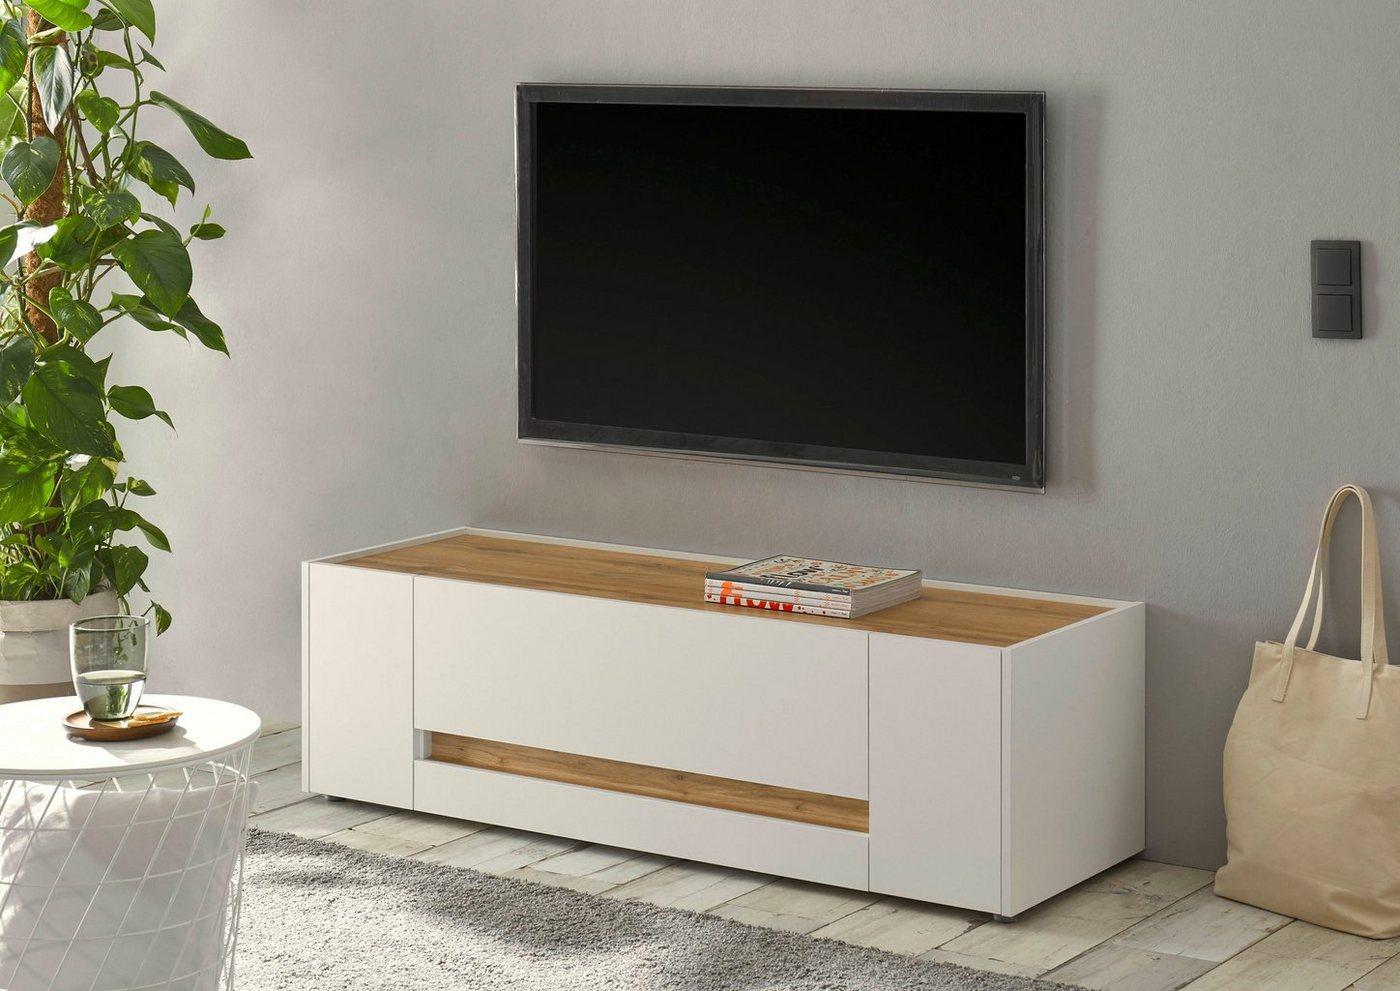 INOSIGN Lowboard »CiTY Lowboard 30«, im modernen Design, weiß